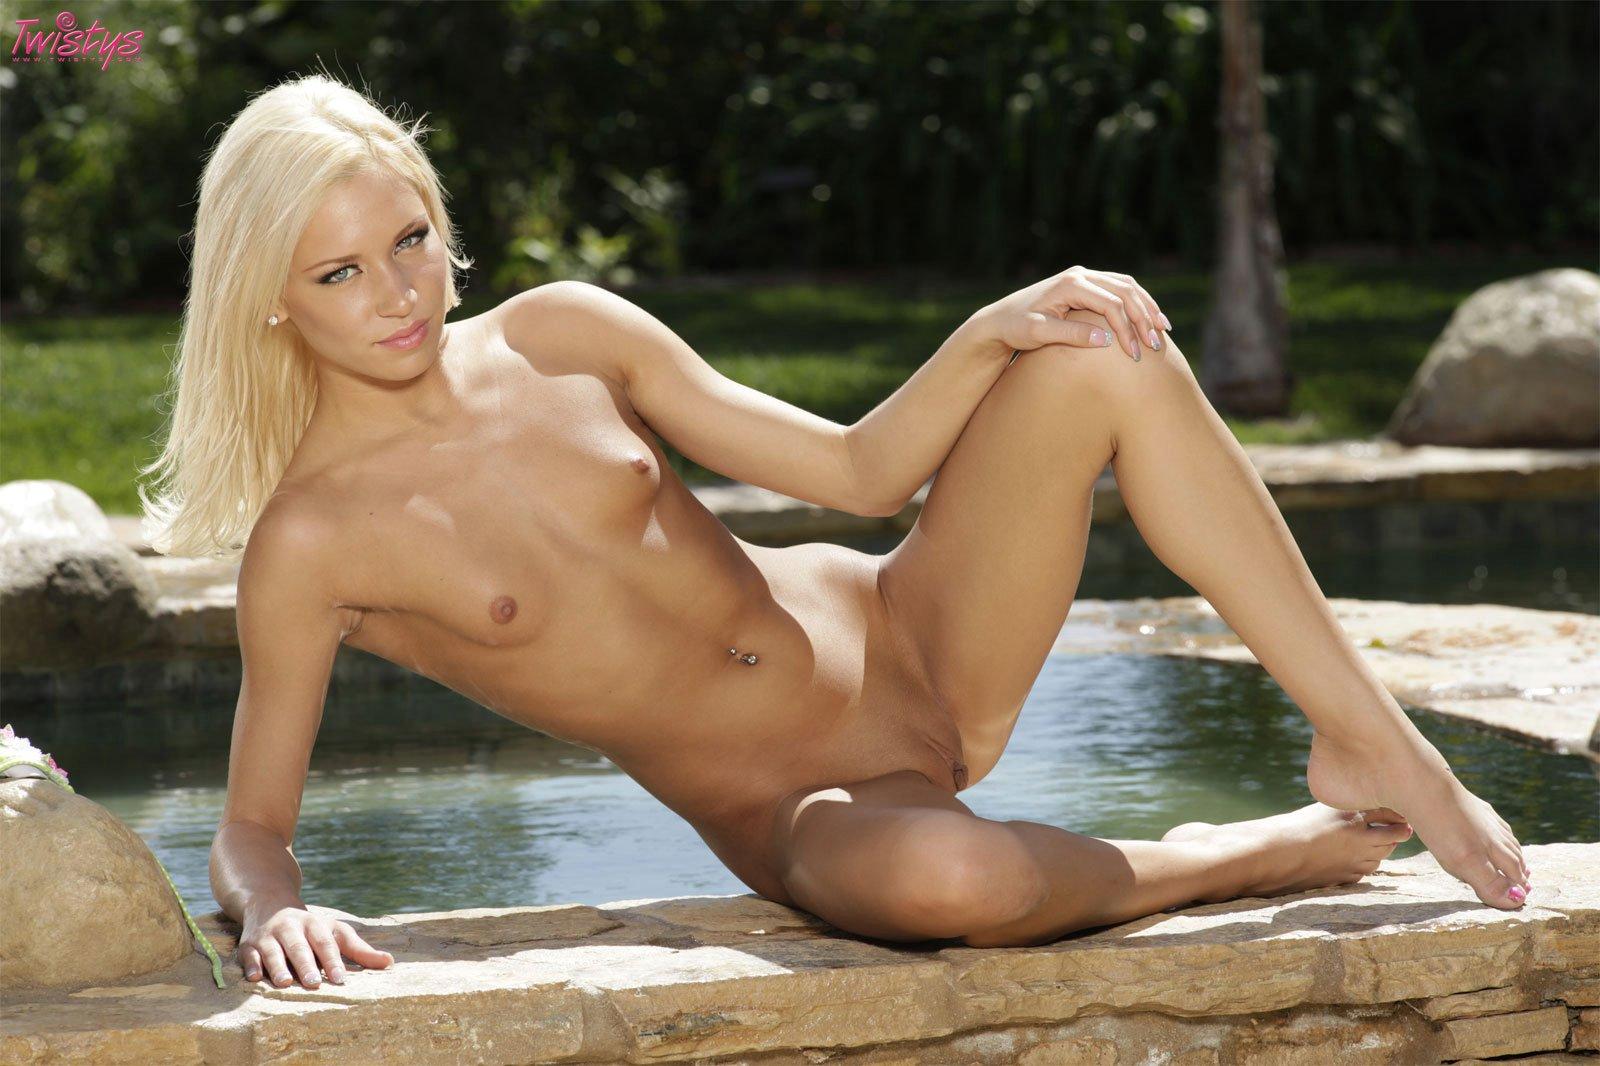 Kacey jordan bikini